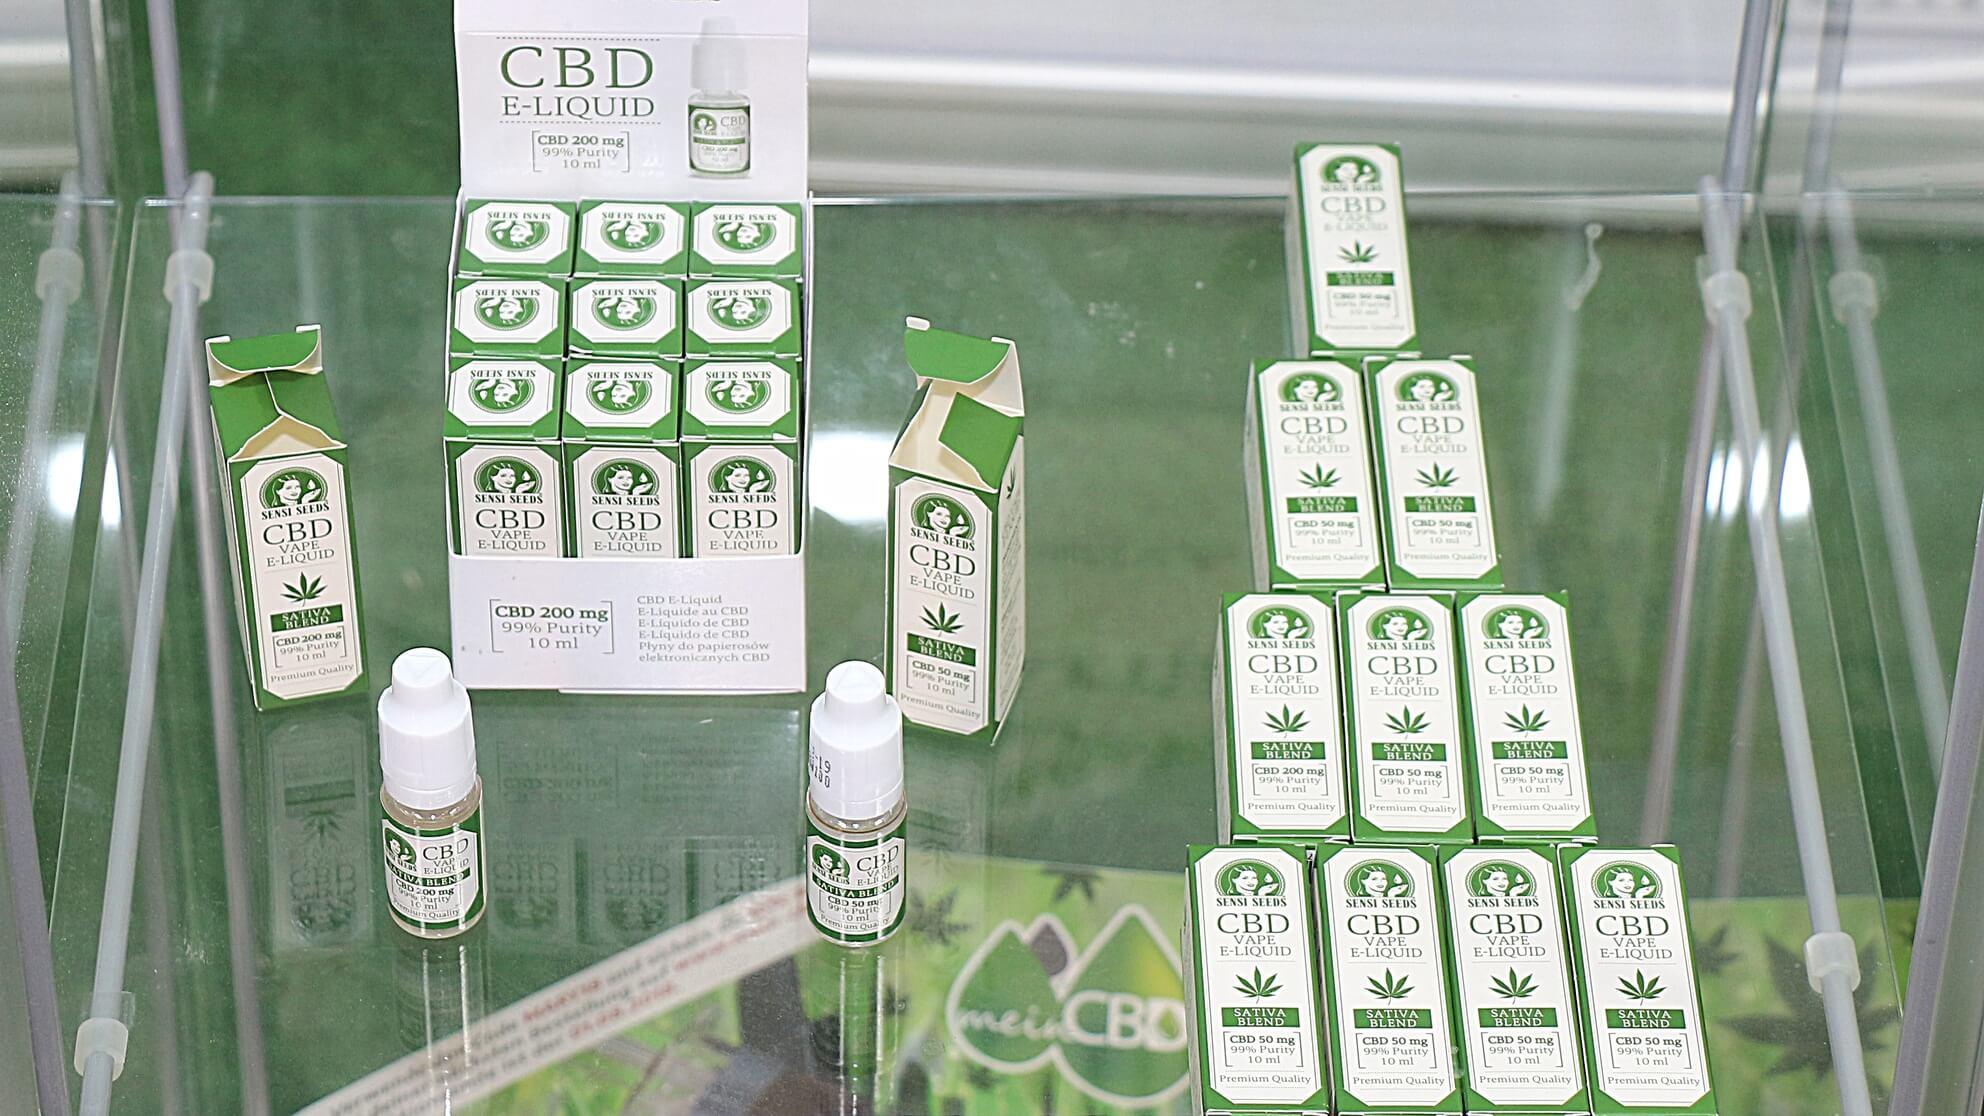 Dieses eLiquid mit CBD wird als Wellnessprodukt im freien Einzelhandel vertrieben